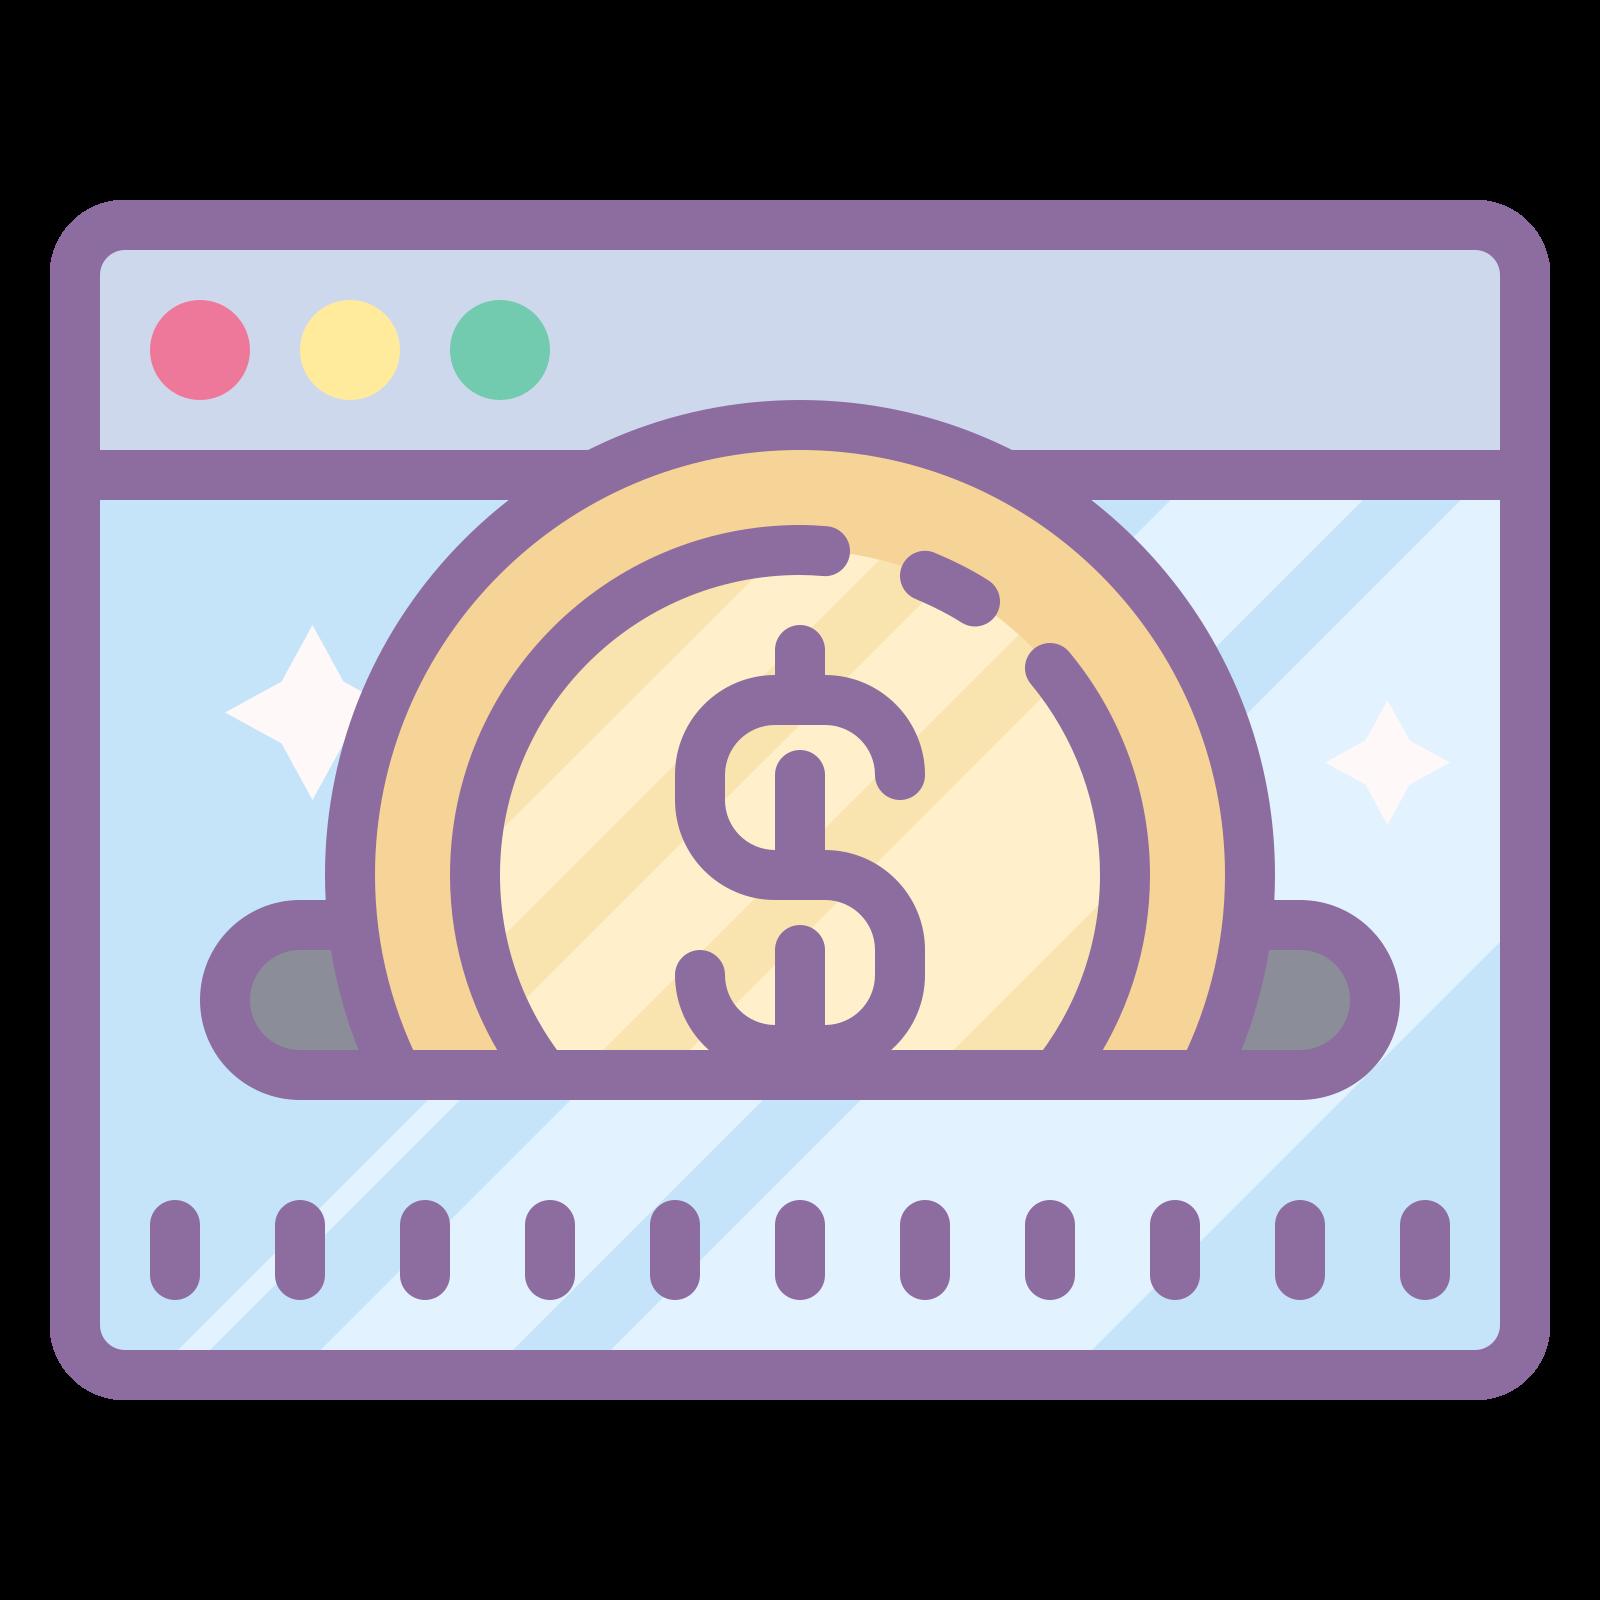 Płatność online icon